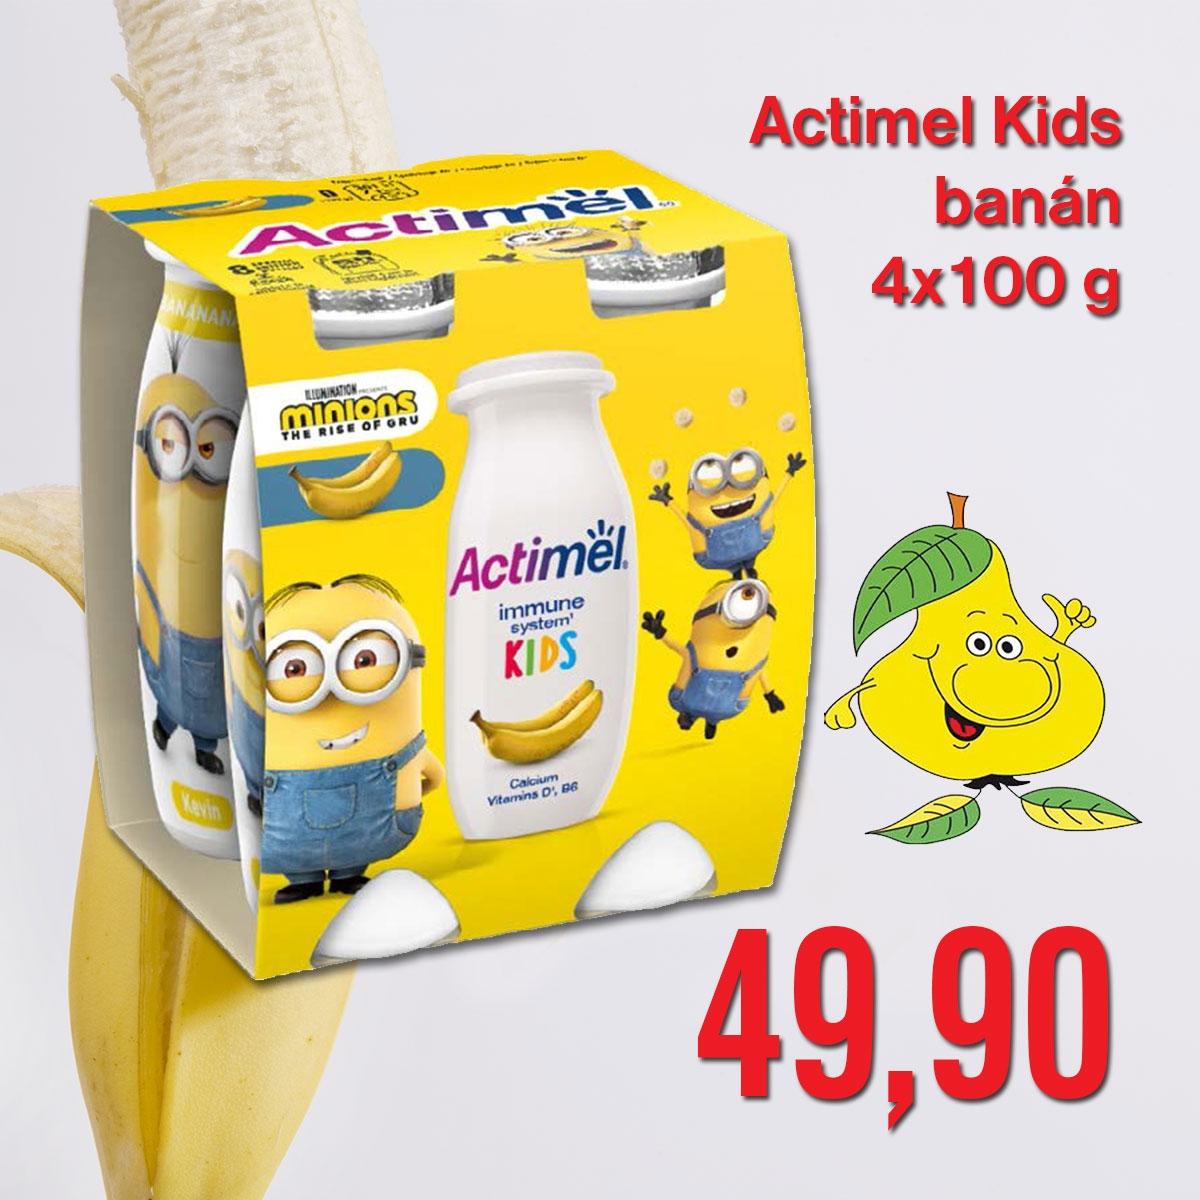 Actimel Kids banán 4 x 100 g